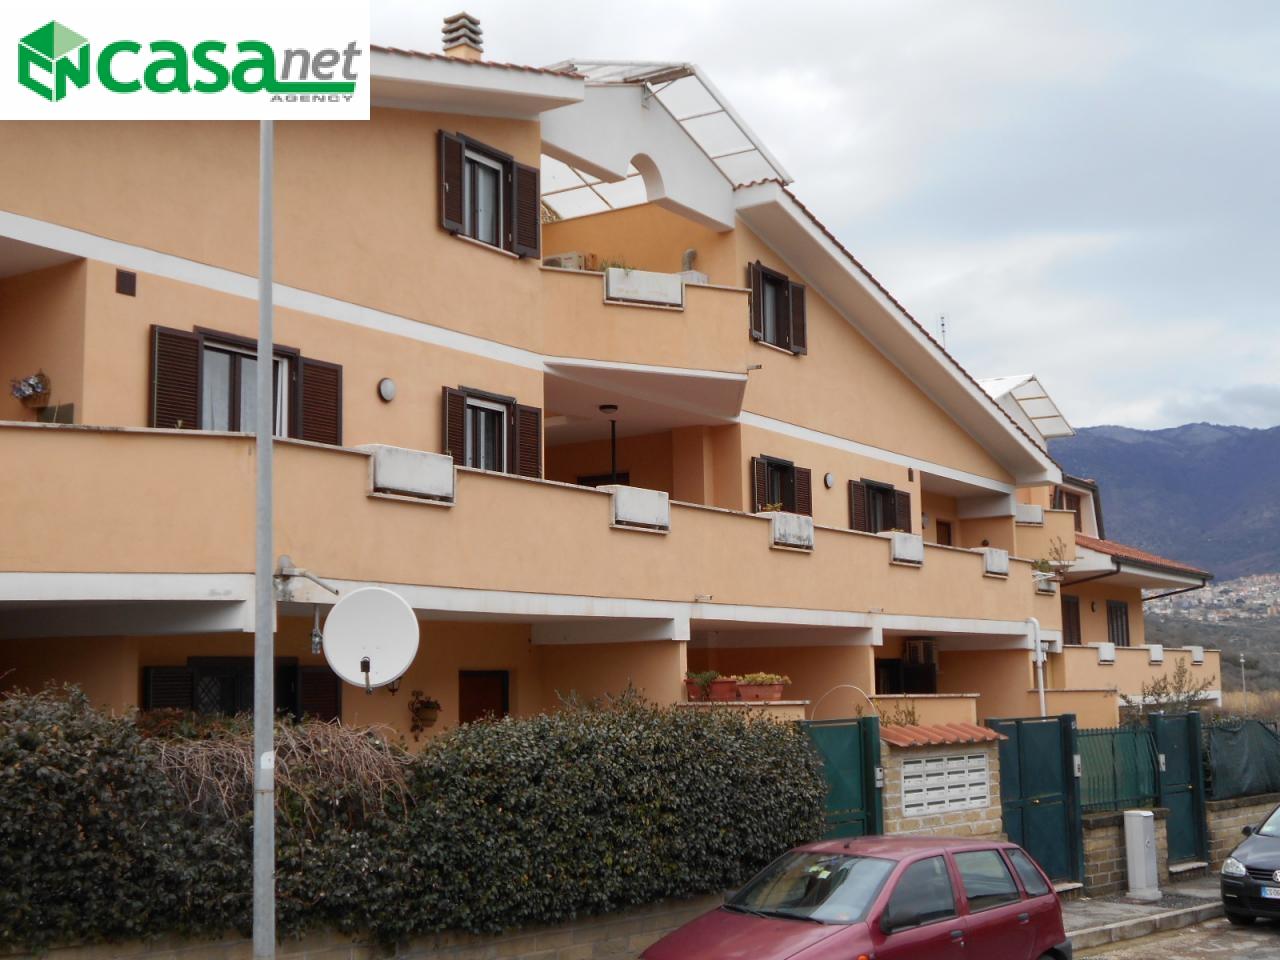 Appartamento in vendita a Marcellina, 3 locali, zona Località: ScaloFerrroviario, prezzo € 109.000 | Cambio Casa.it